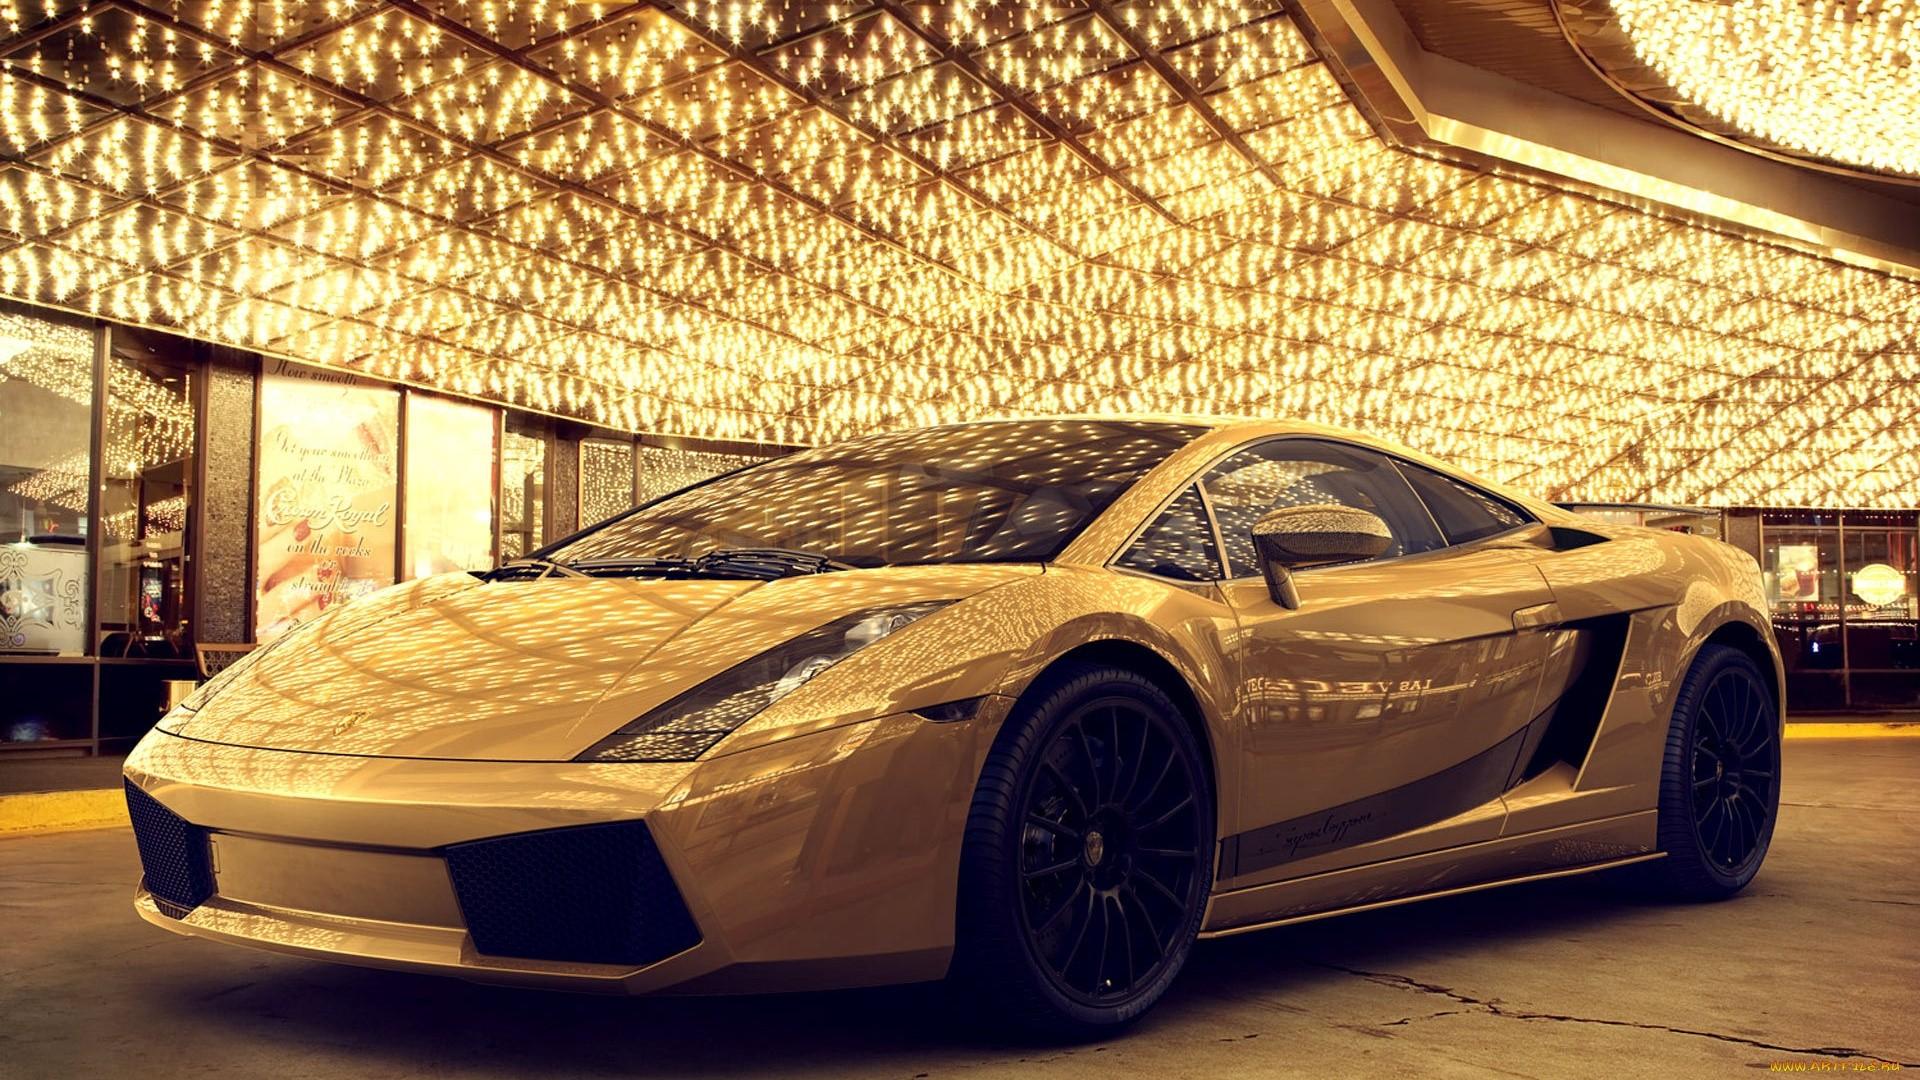 Gold Lamborghini Picture